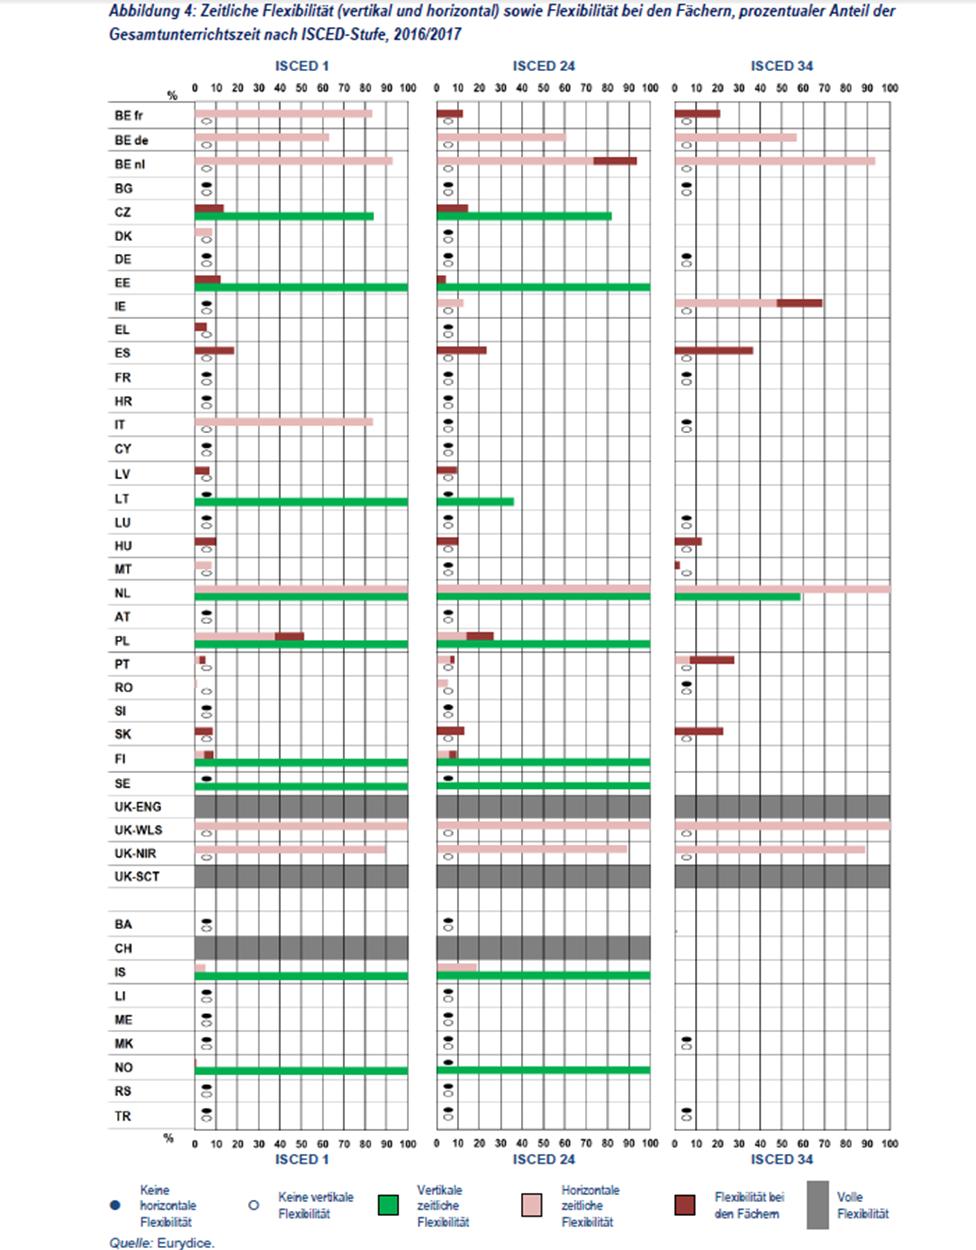 Grafik zu vertikaler, horizontaler und Fächer Flexibilität